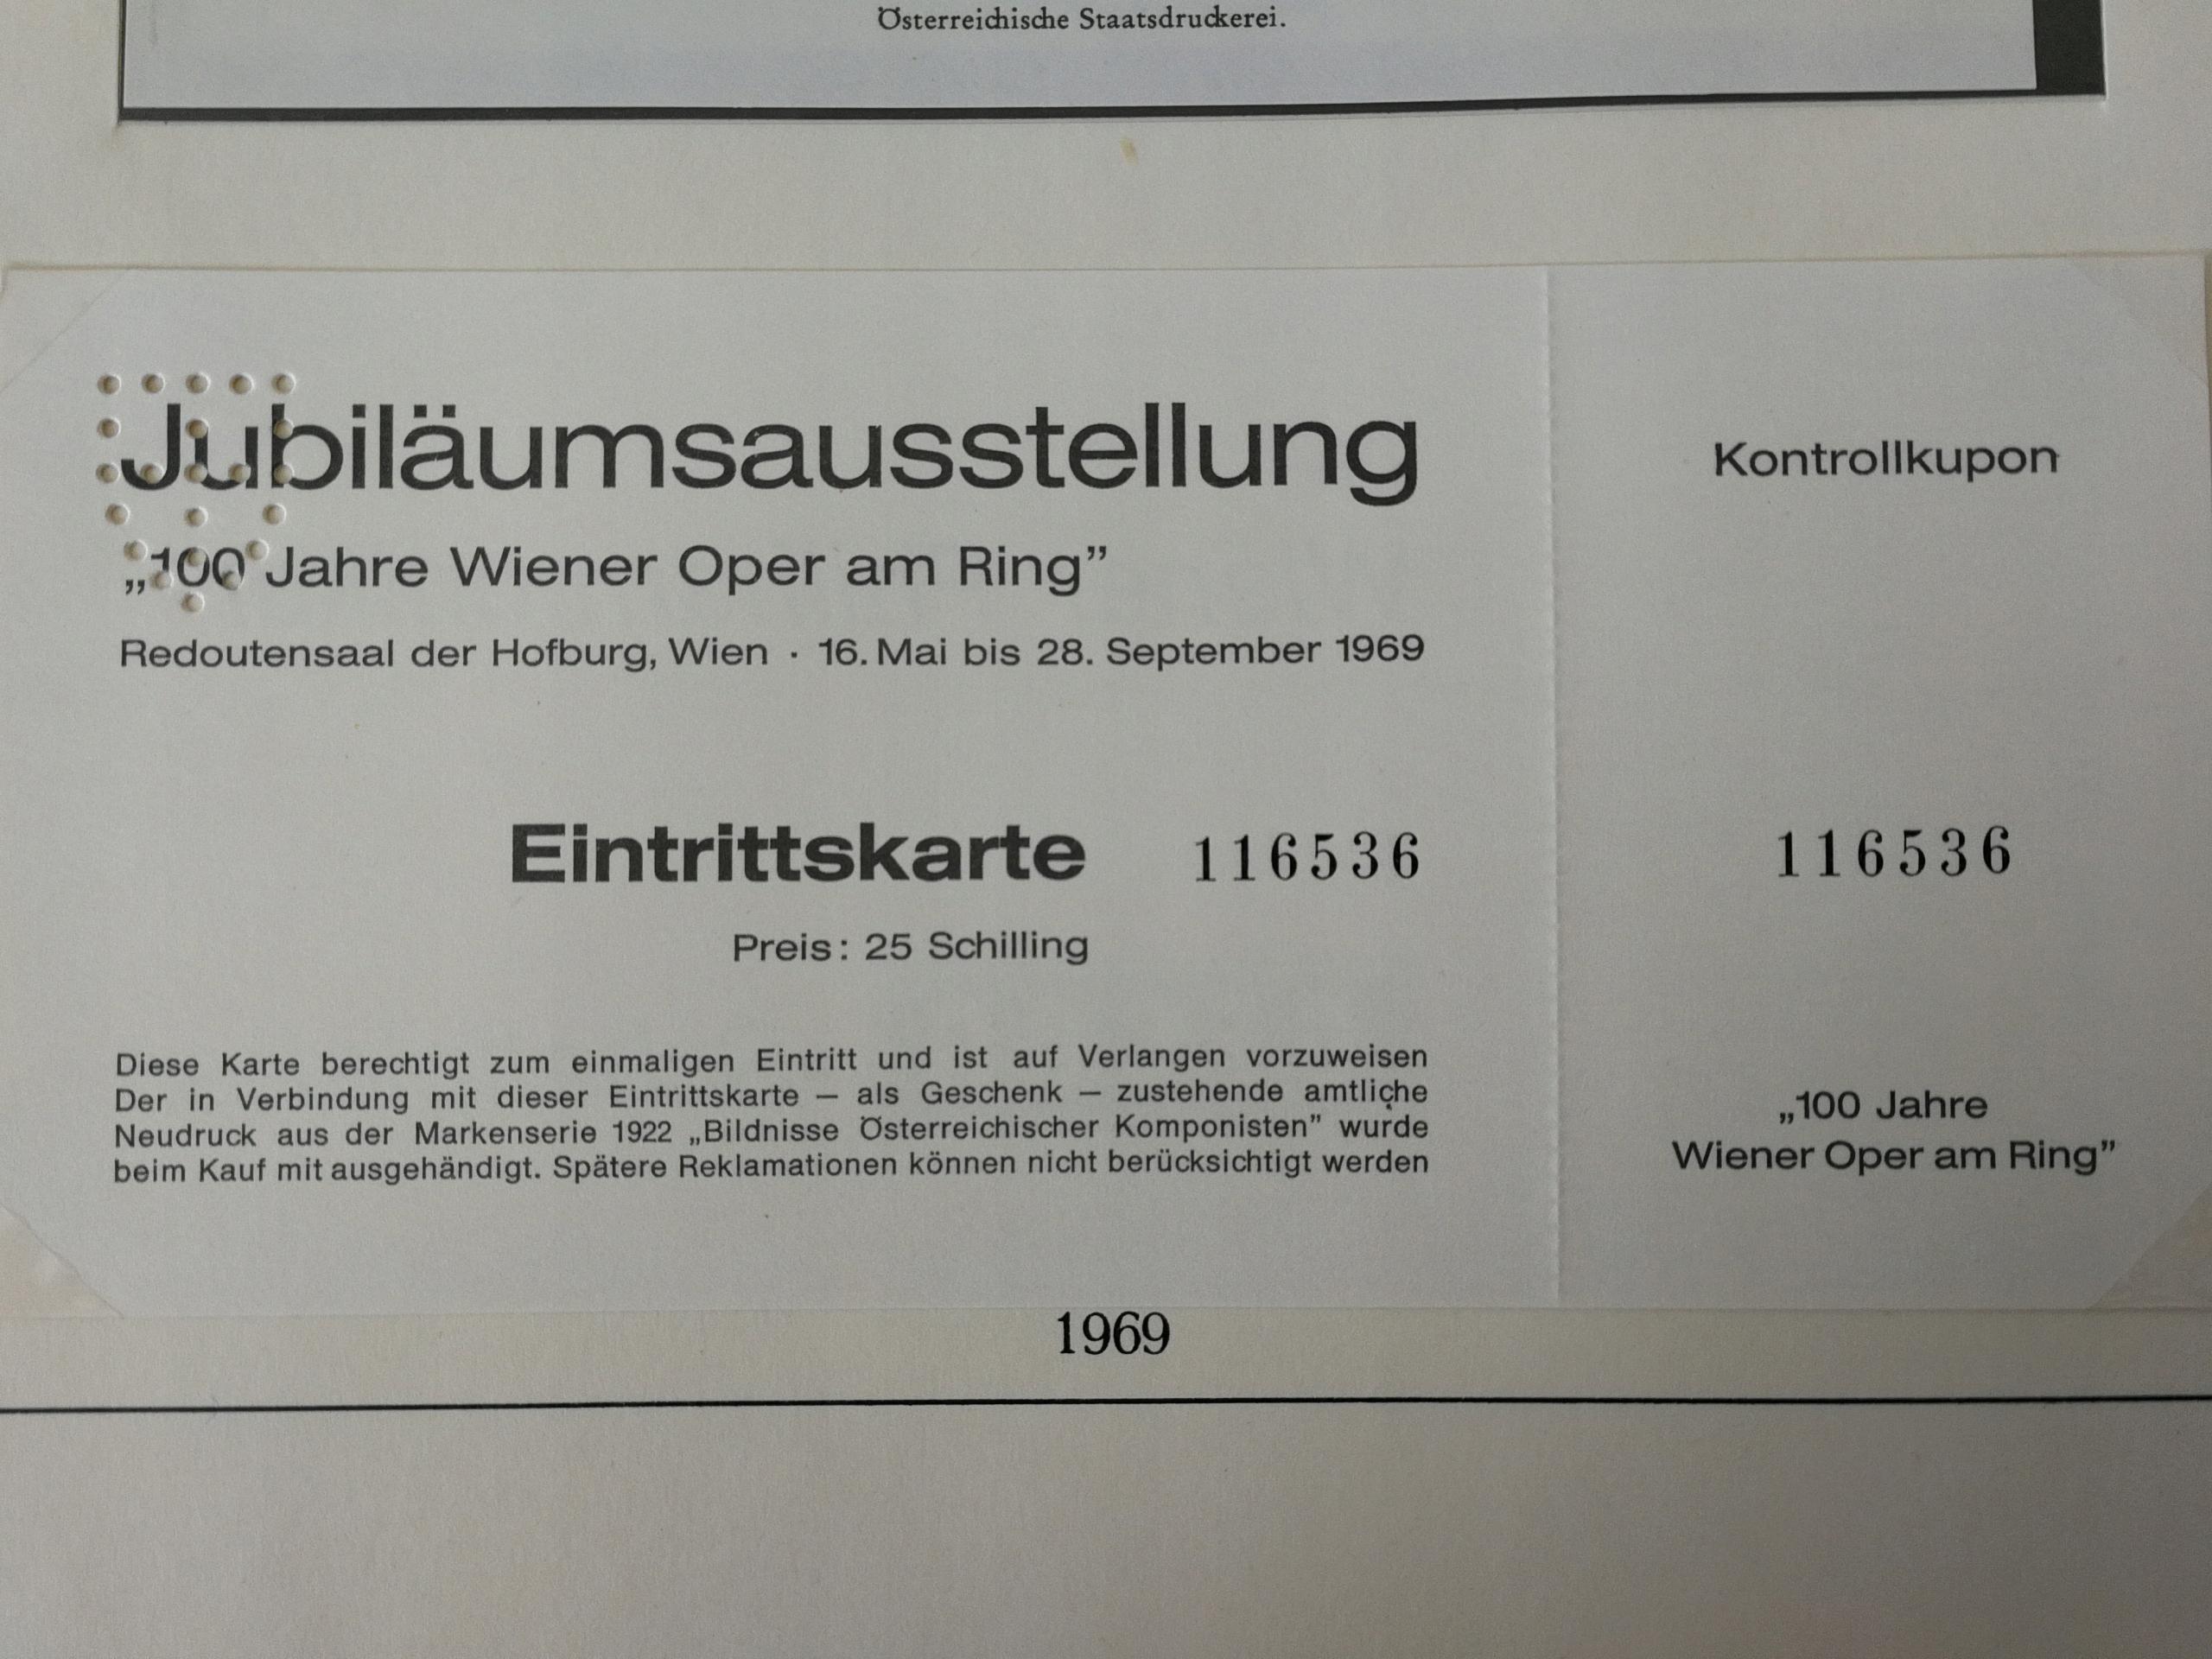 Австрия 1969 Билет на филателистическую выставку в опере